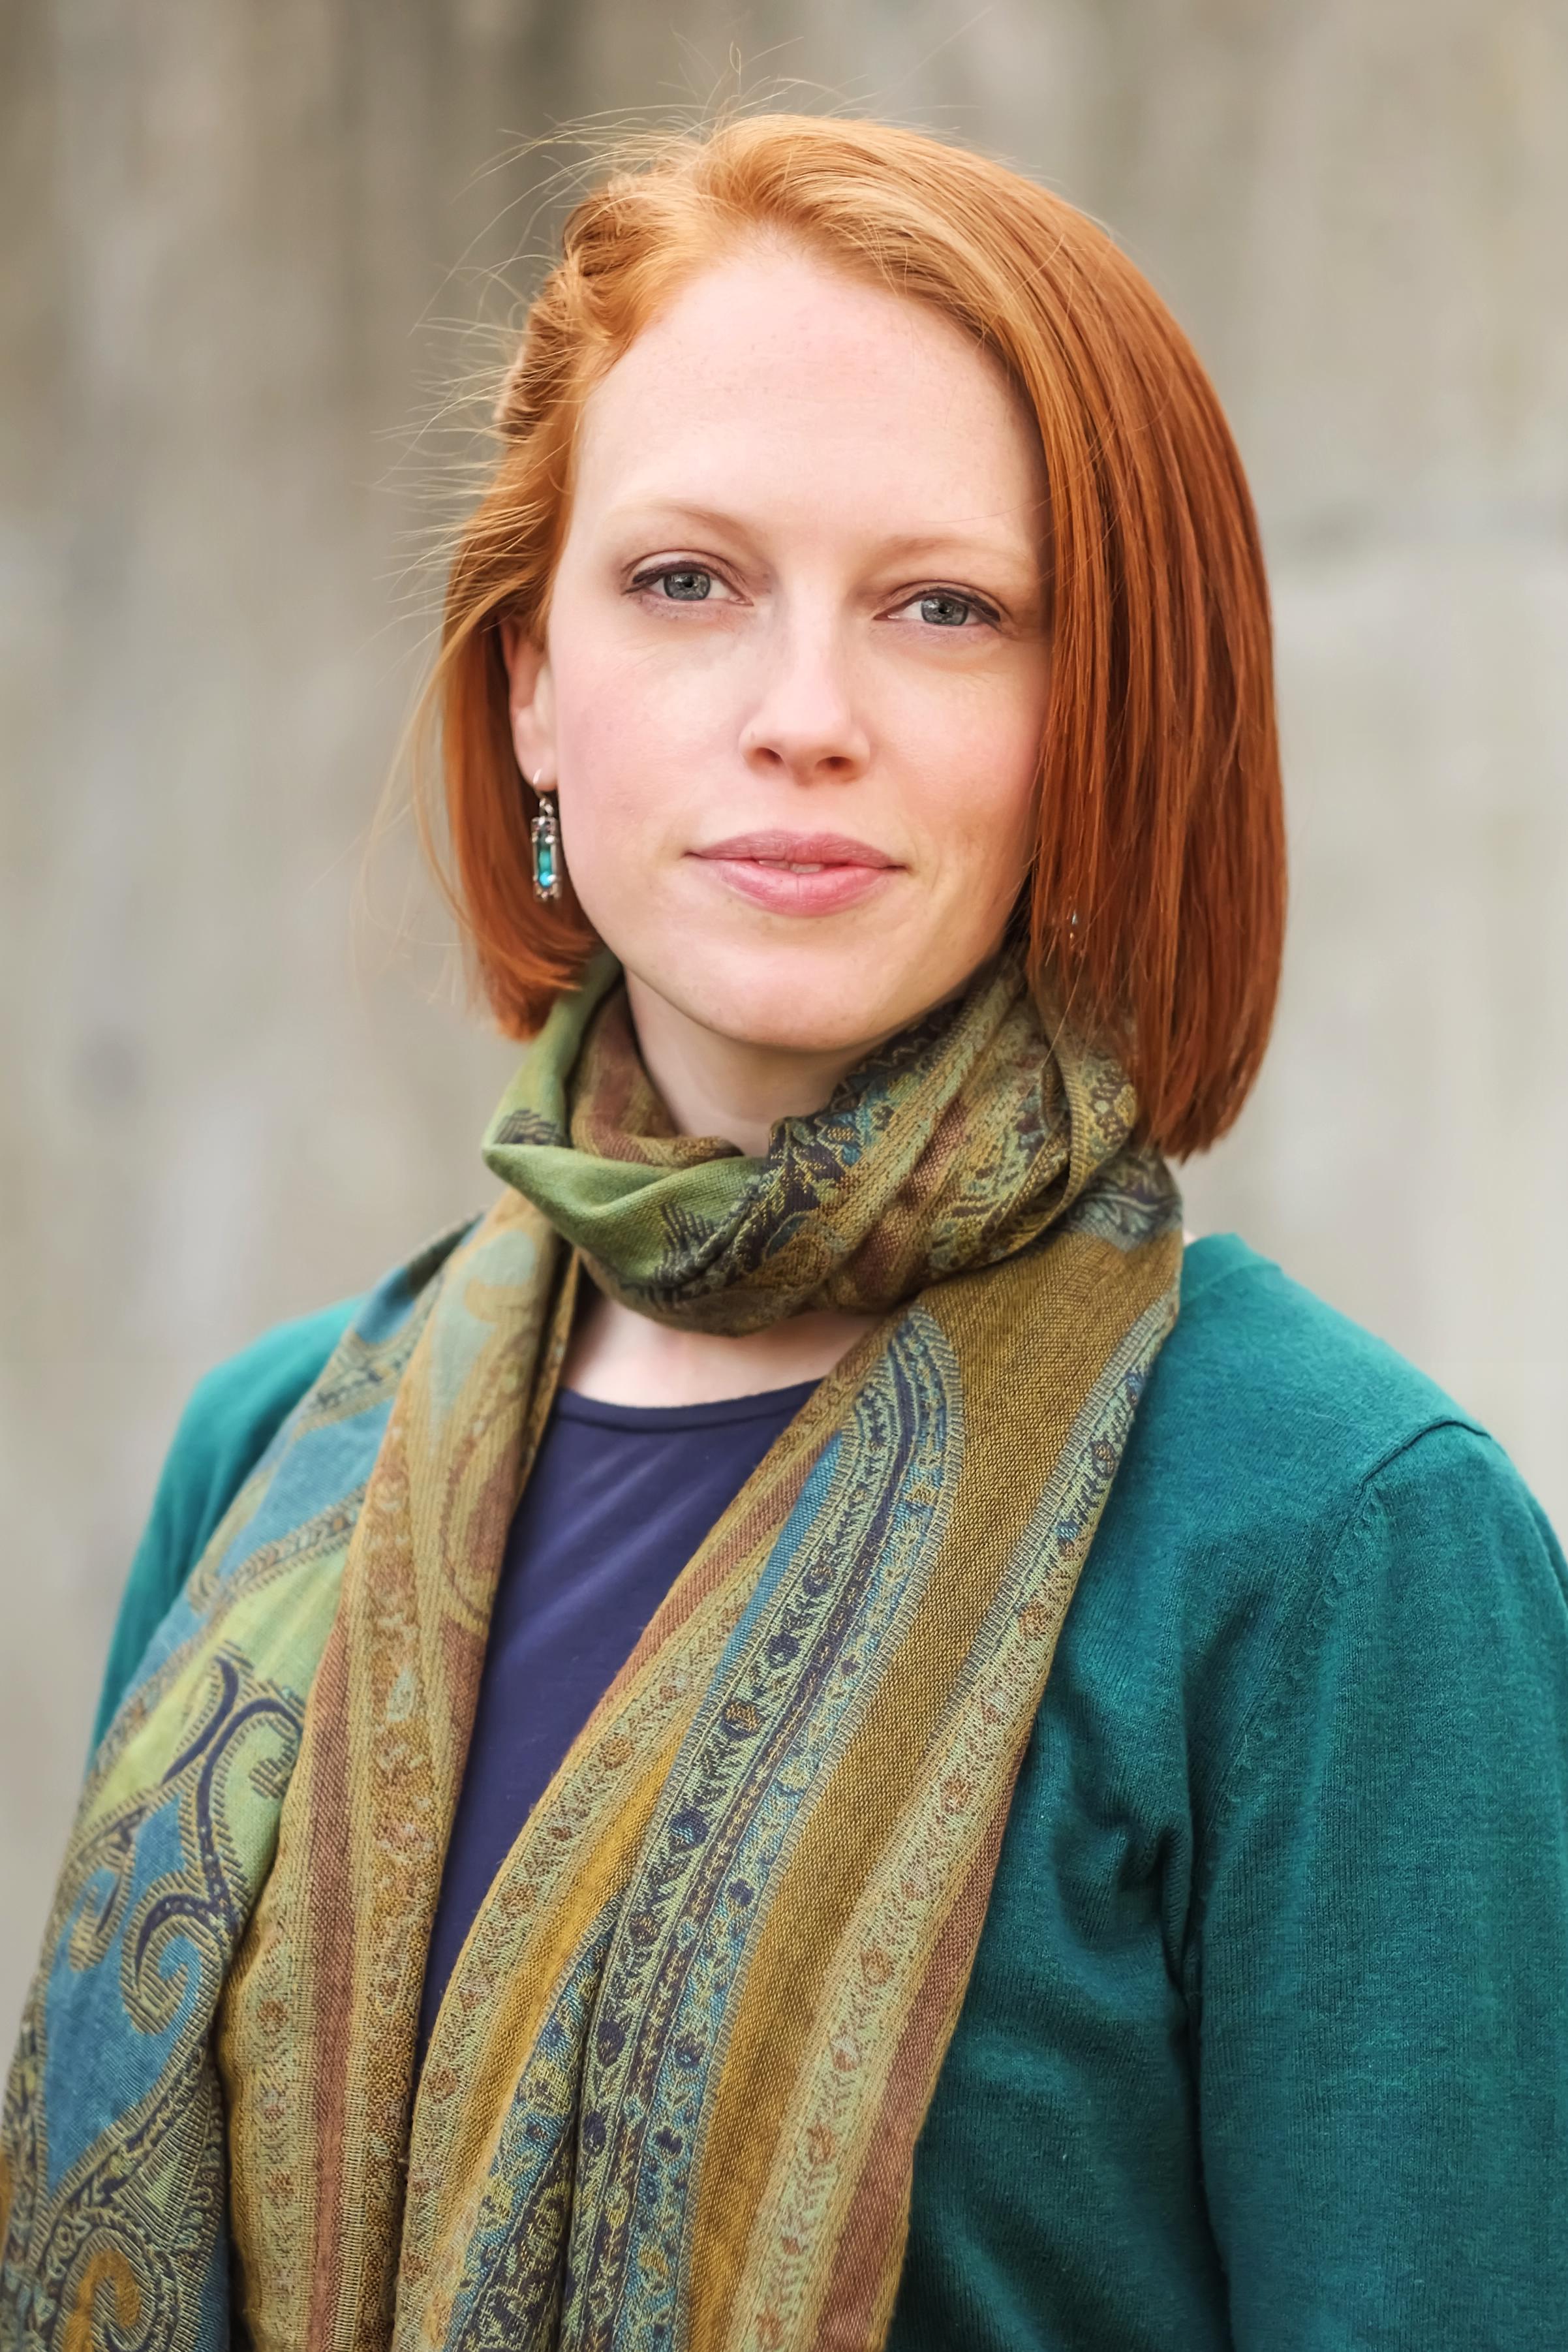 Molly Housh Gordon